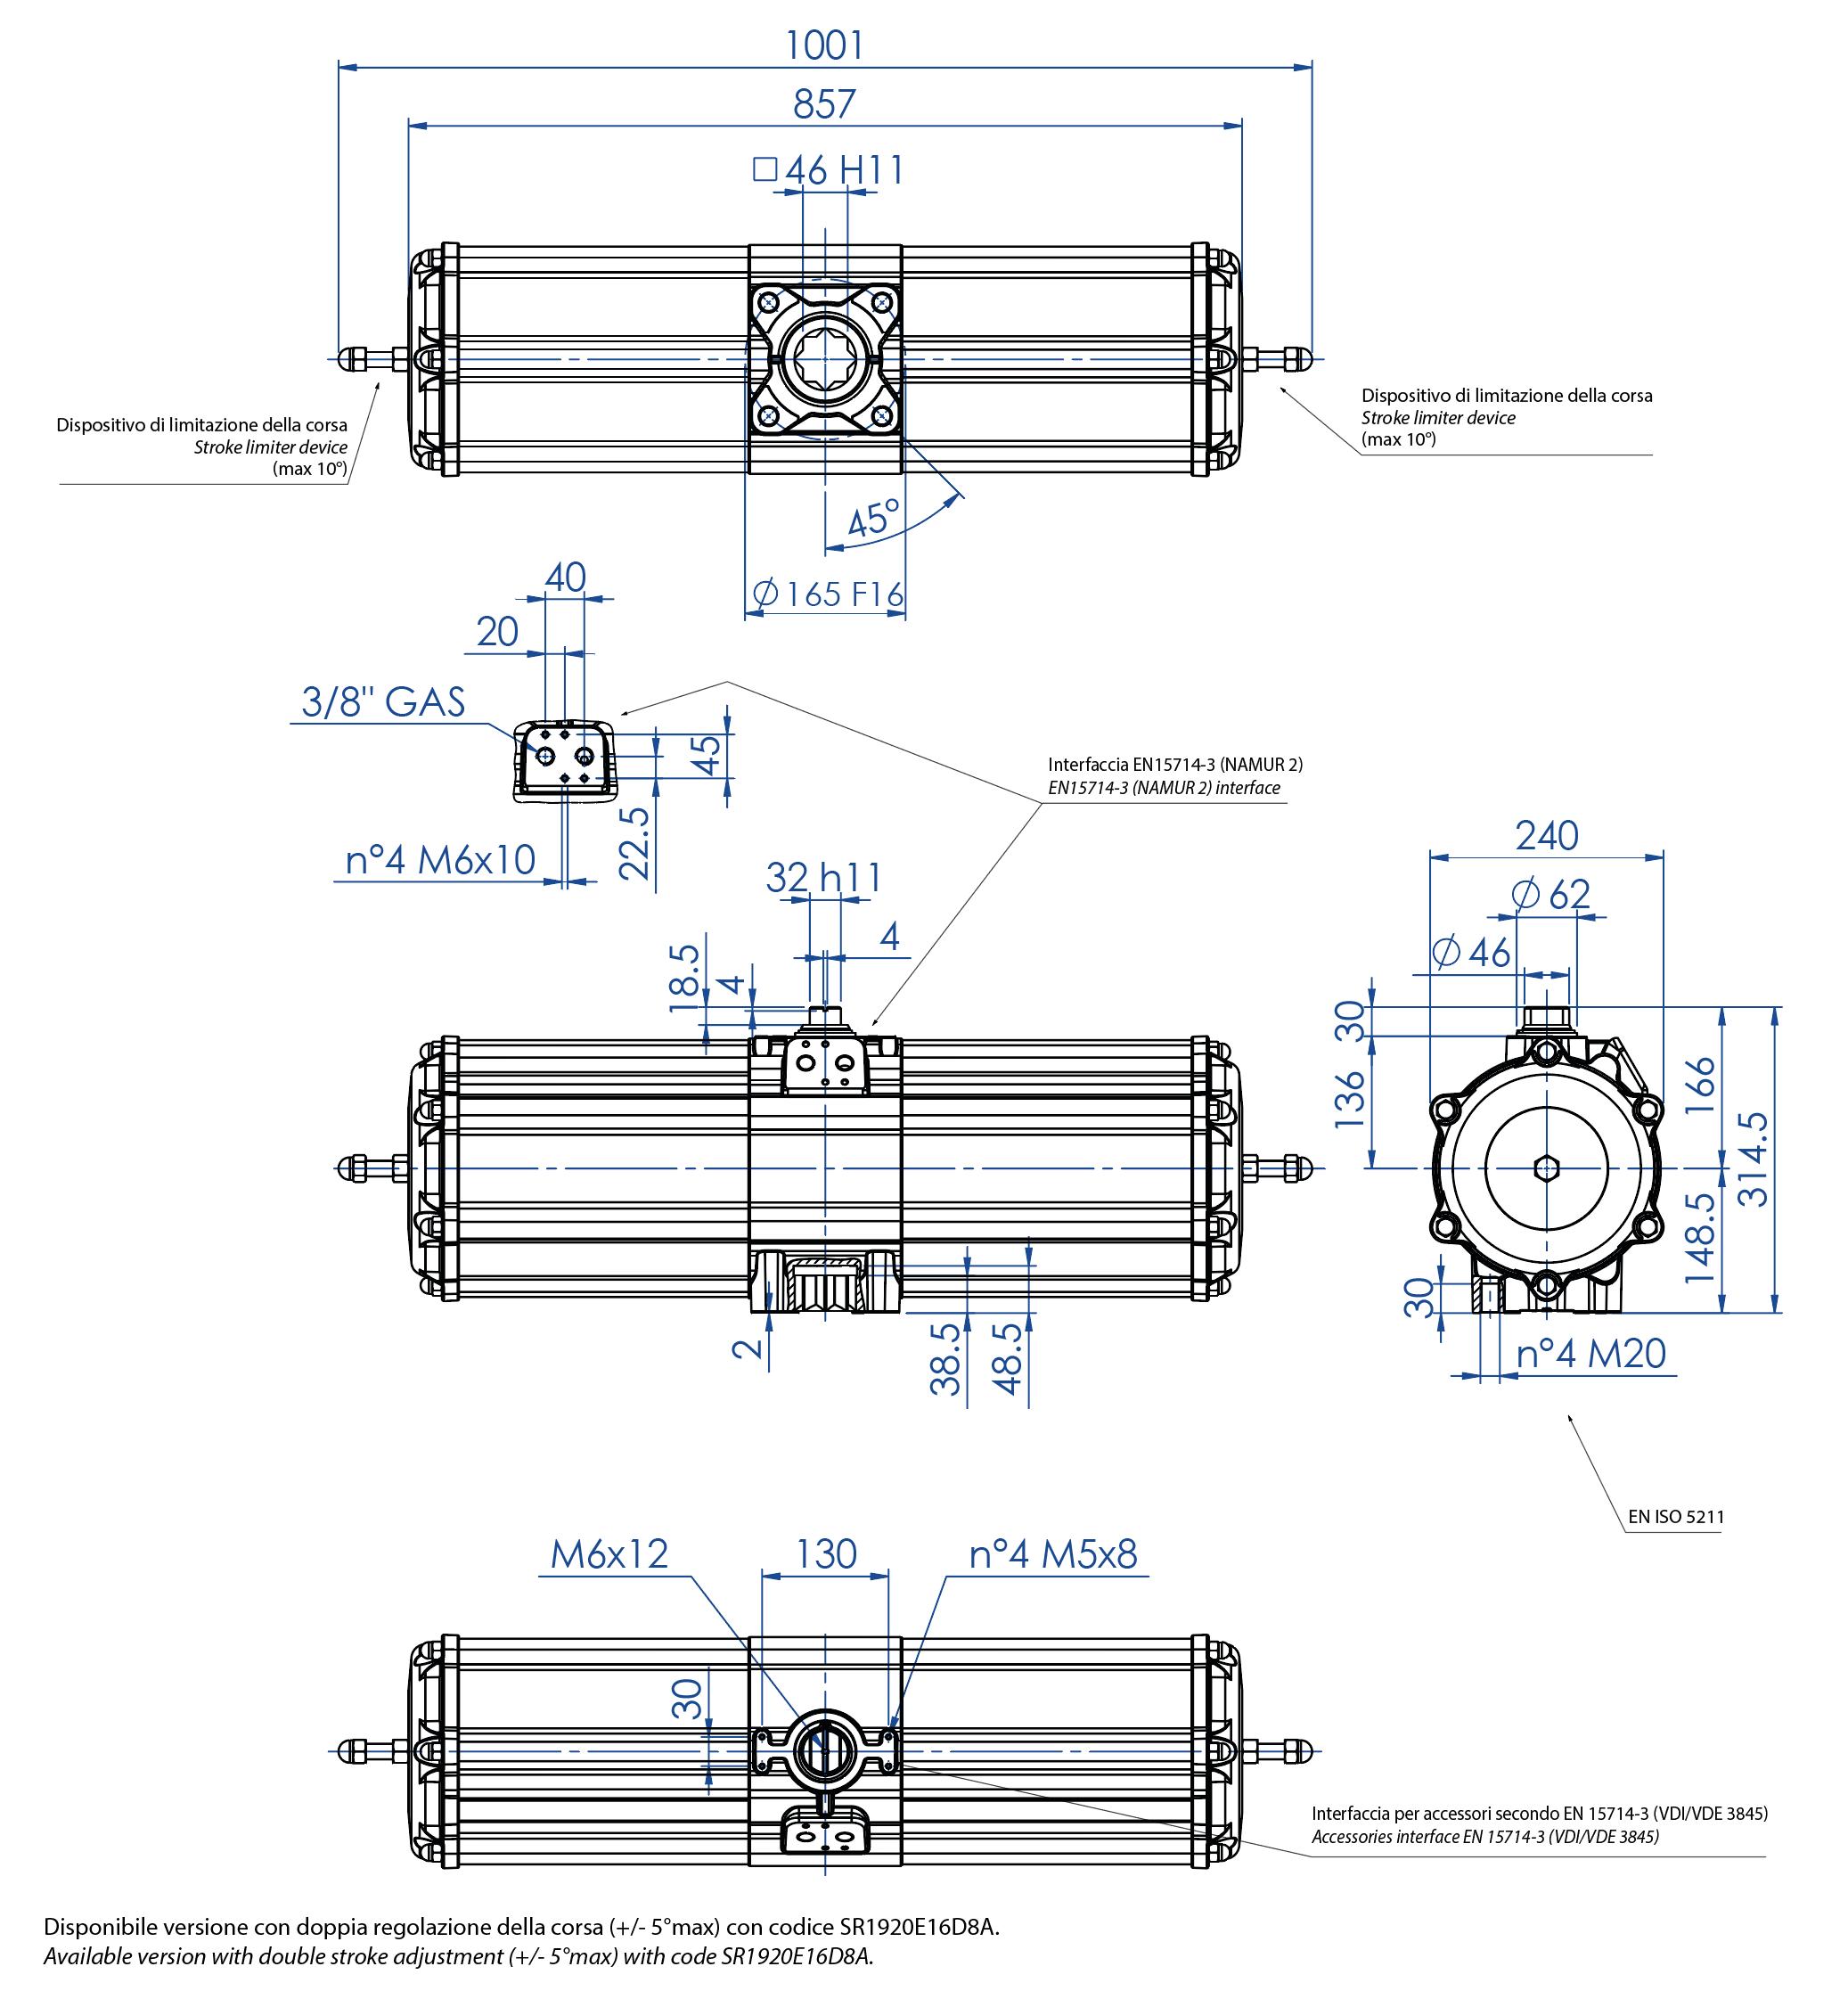 Alüminyum GS tek etkili pnömatik aktüatör - boyutlar - Tek etki ölçü pnömatik aktüatör GS 1920 (Nm)